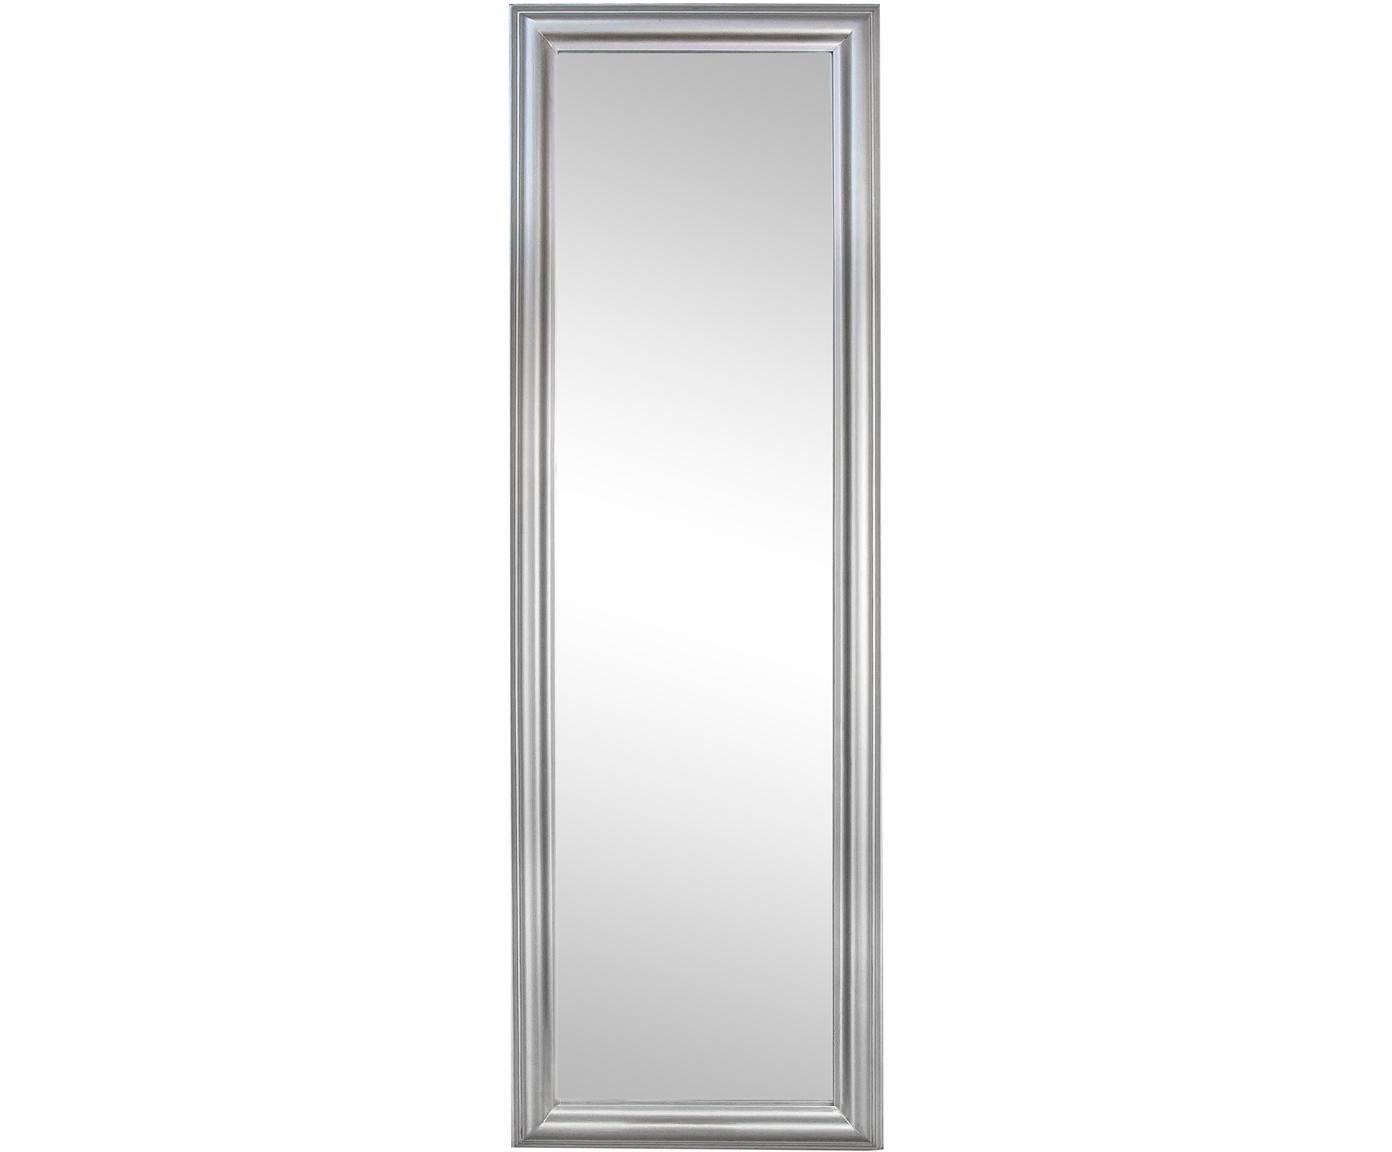 Specchio da parete Sanzio, Cornice: legno rivestito, Superficie dello specchio: lastra di vetro, Argentato, Larg. 42 x Alt. 132 cm